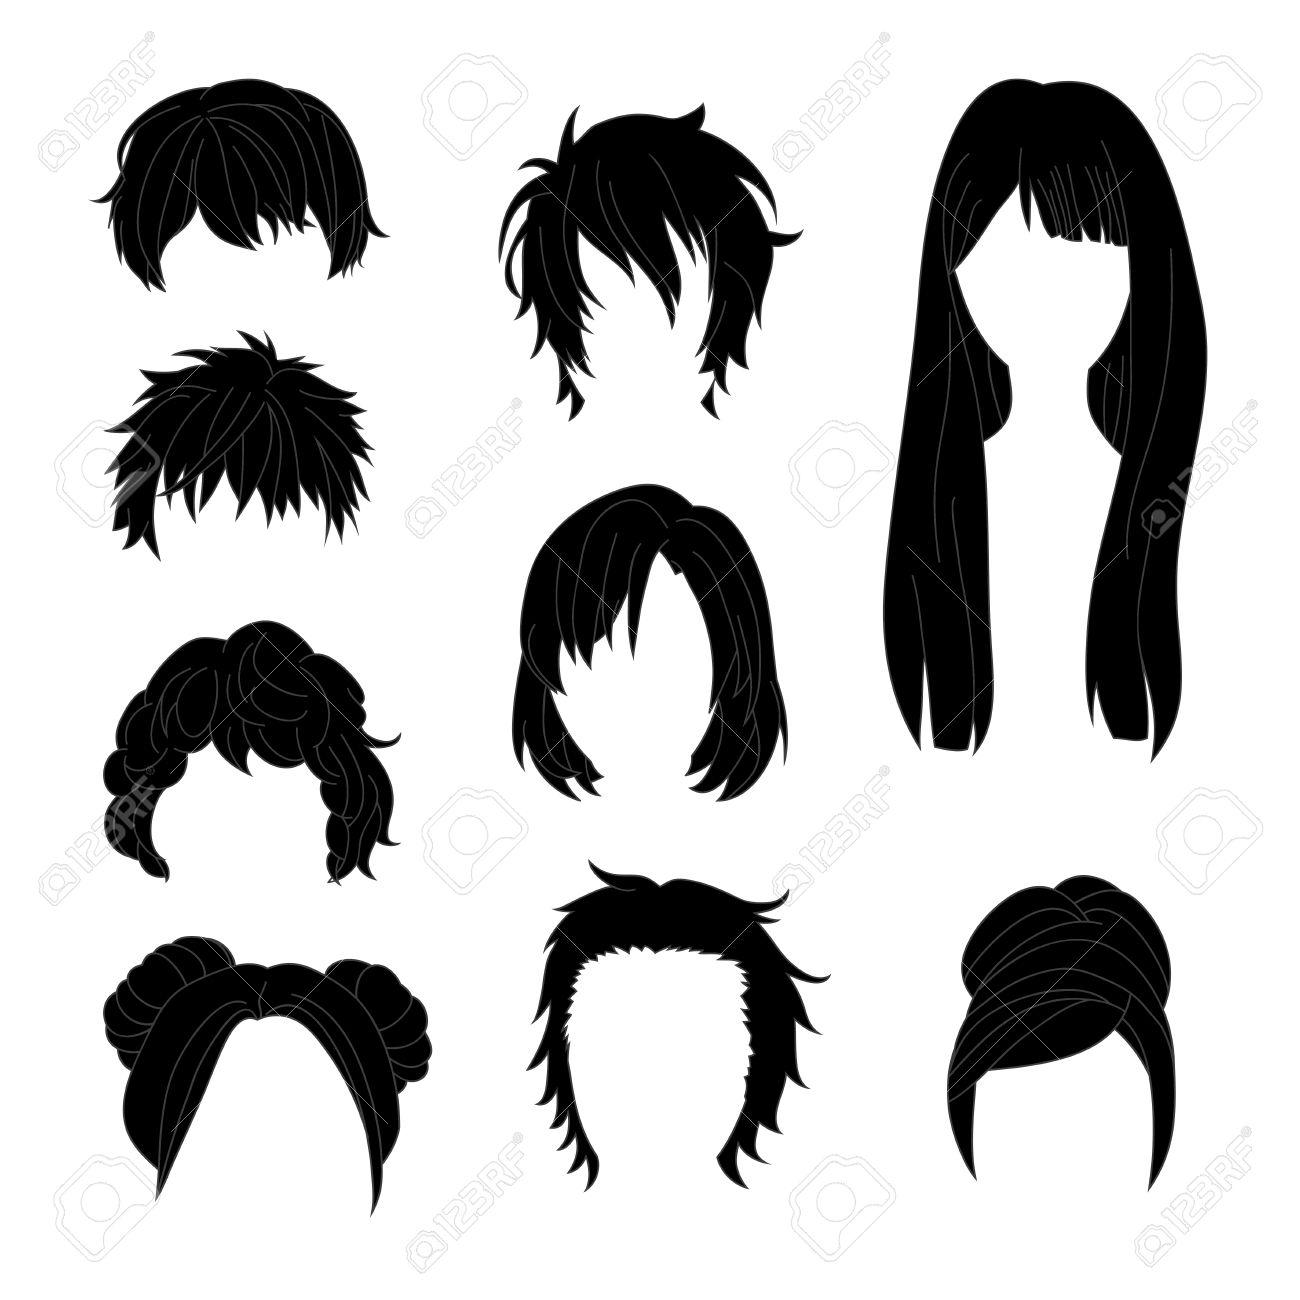 Collection Coiffure Pour Homme Et Femme Noire Dessiner Des Cheveux